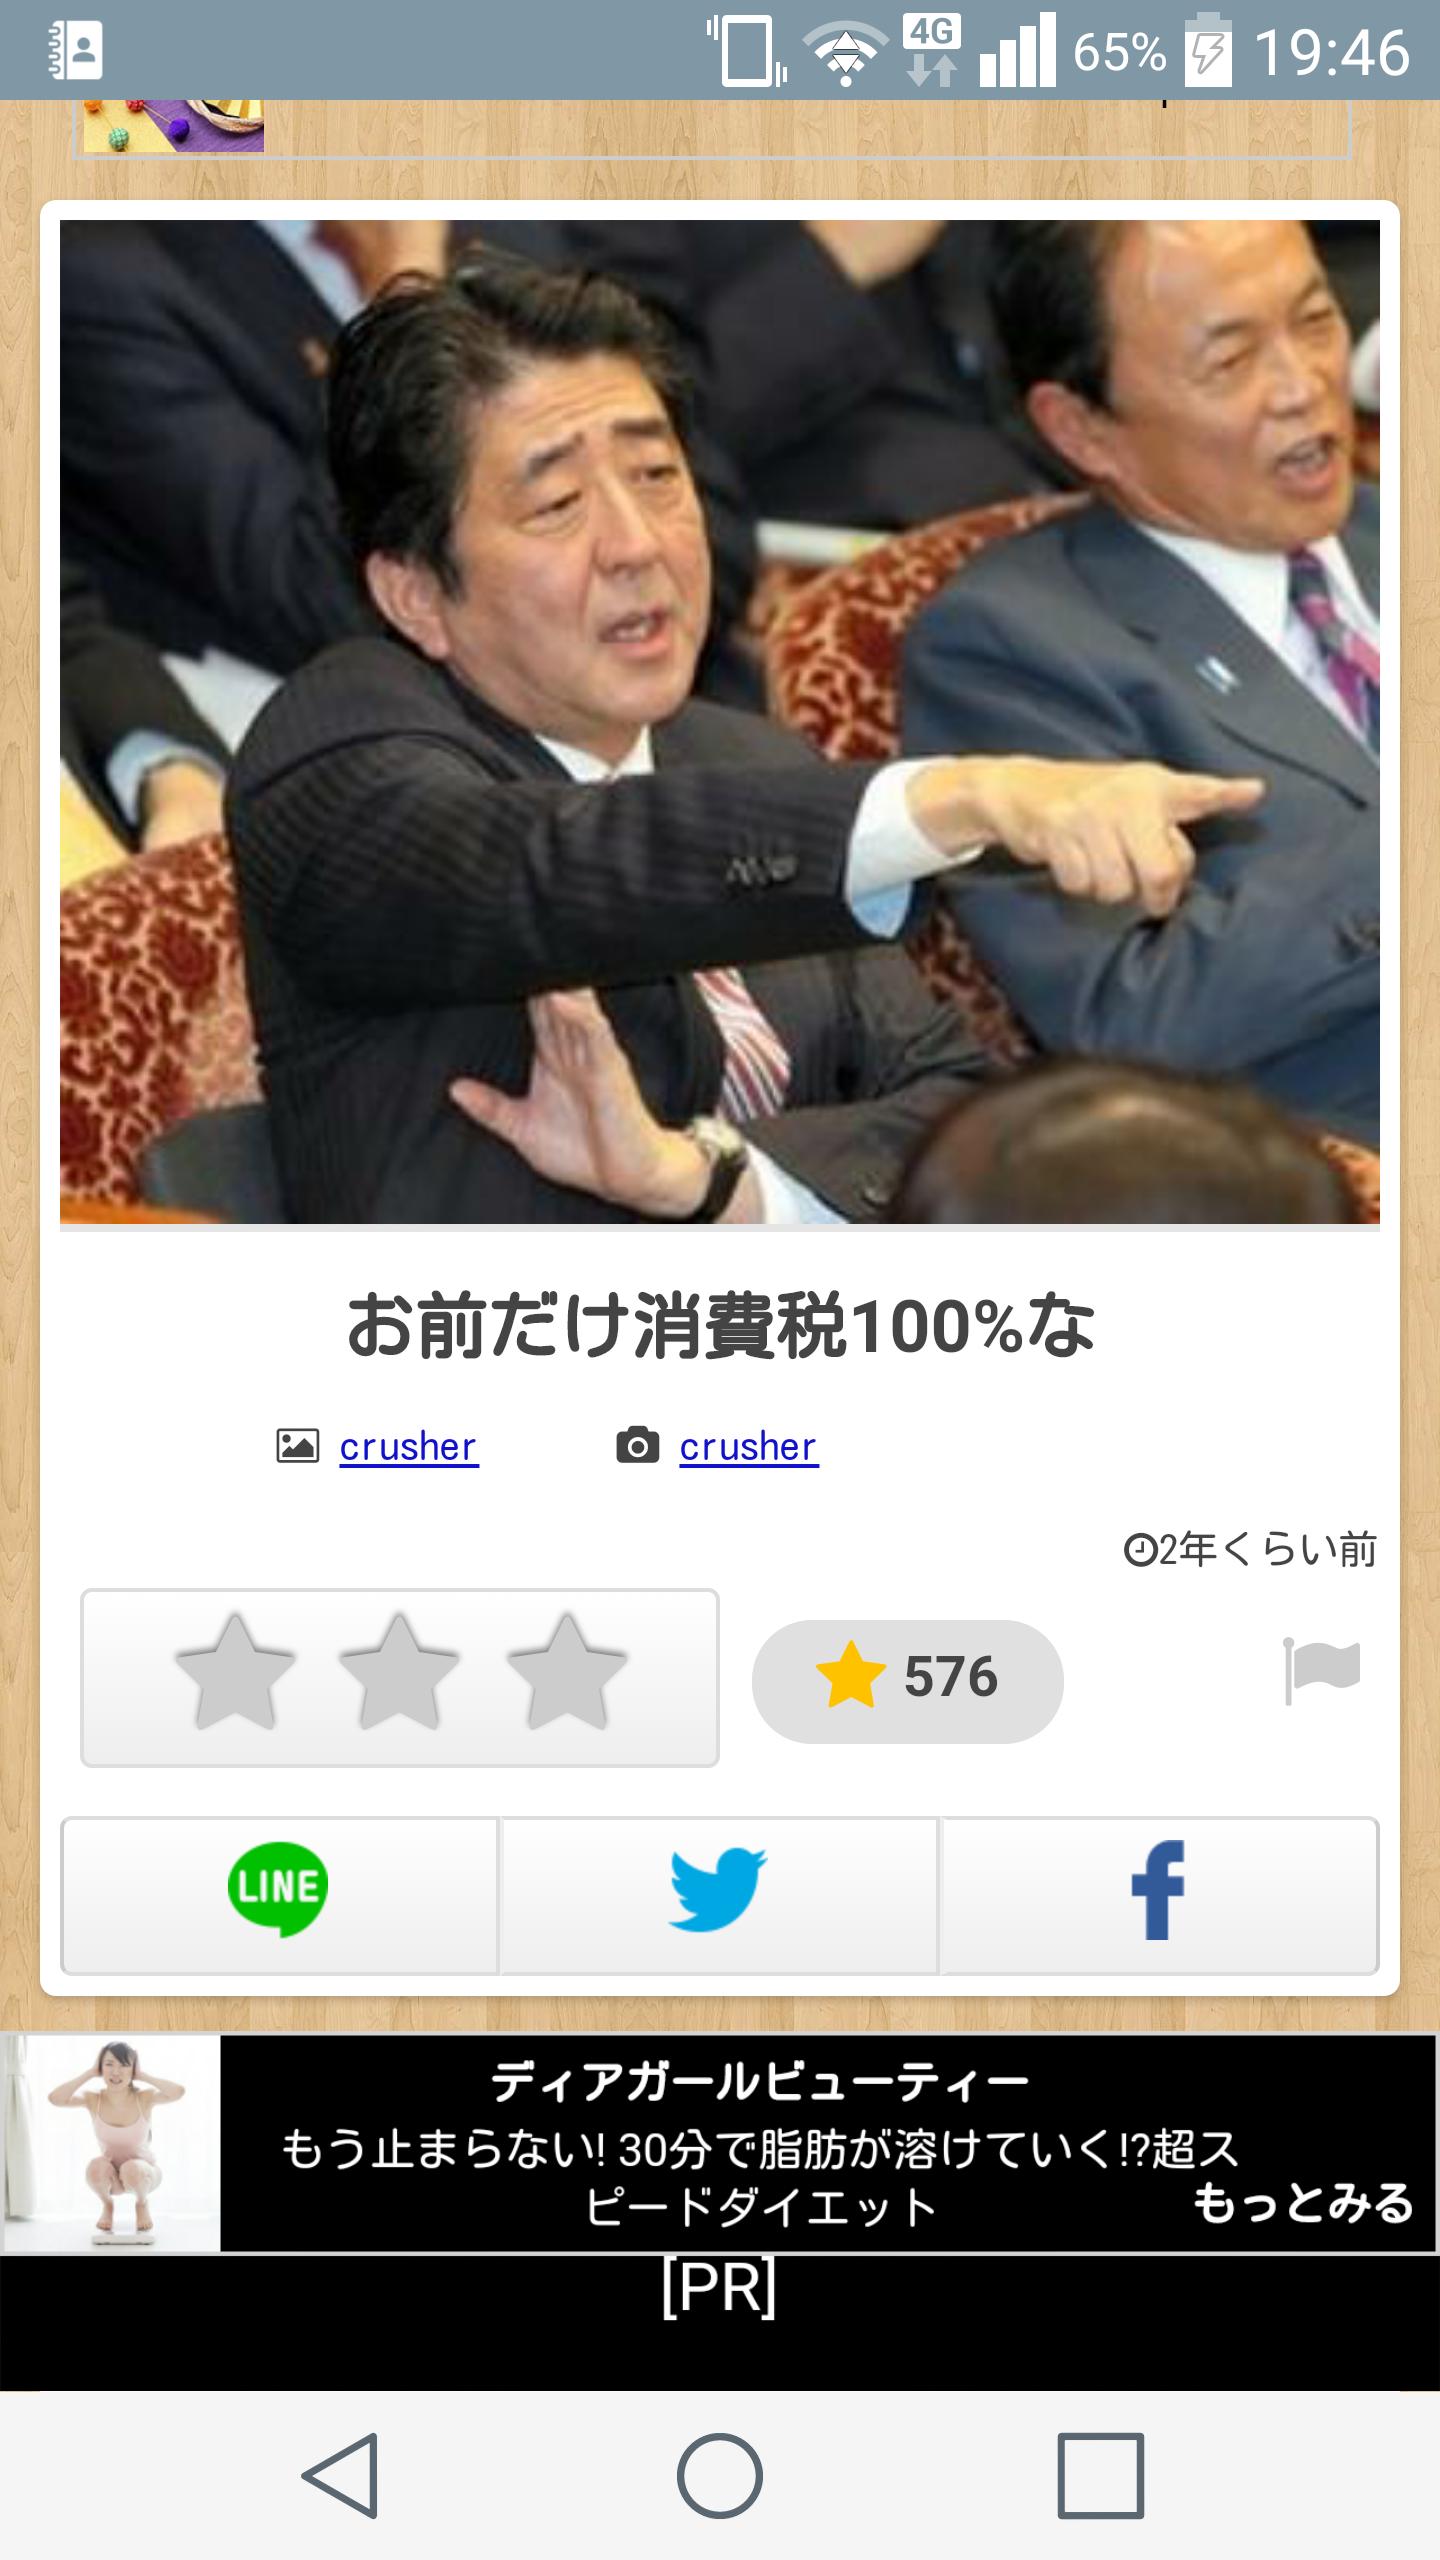 トレエン斎藤、稼ぎすぎて「日本の物価安い」